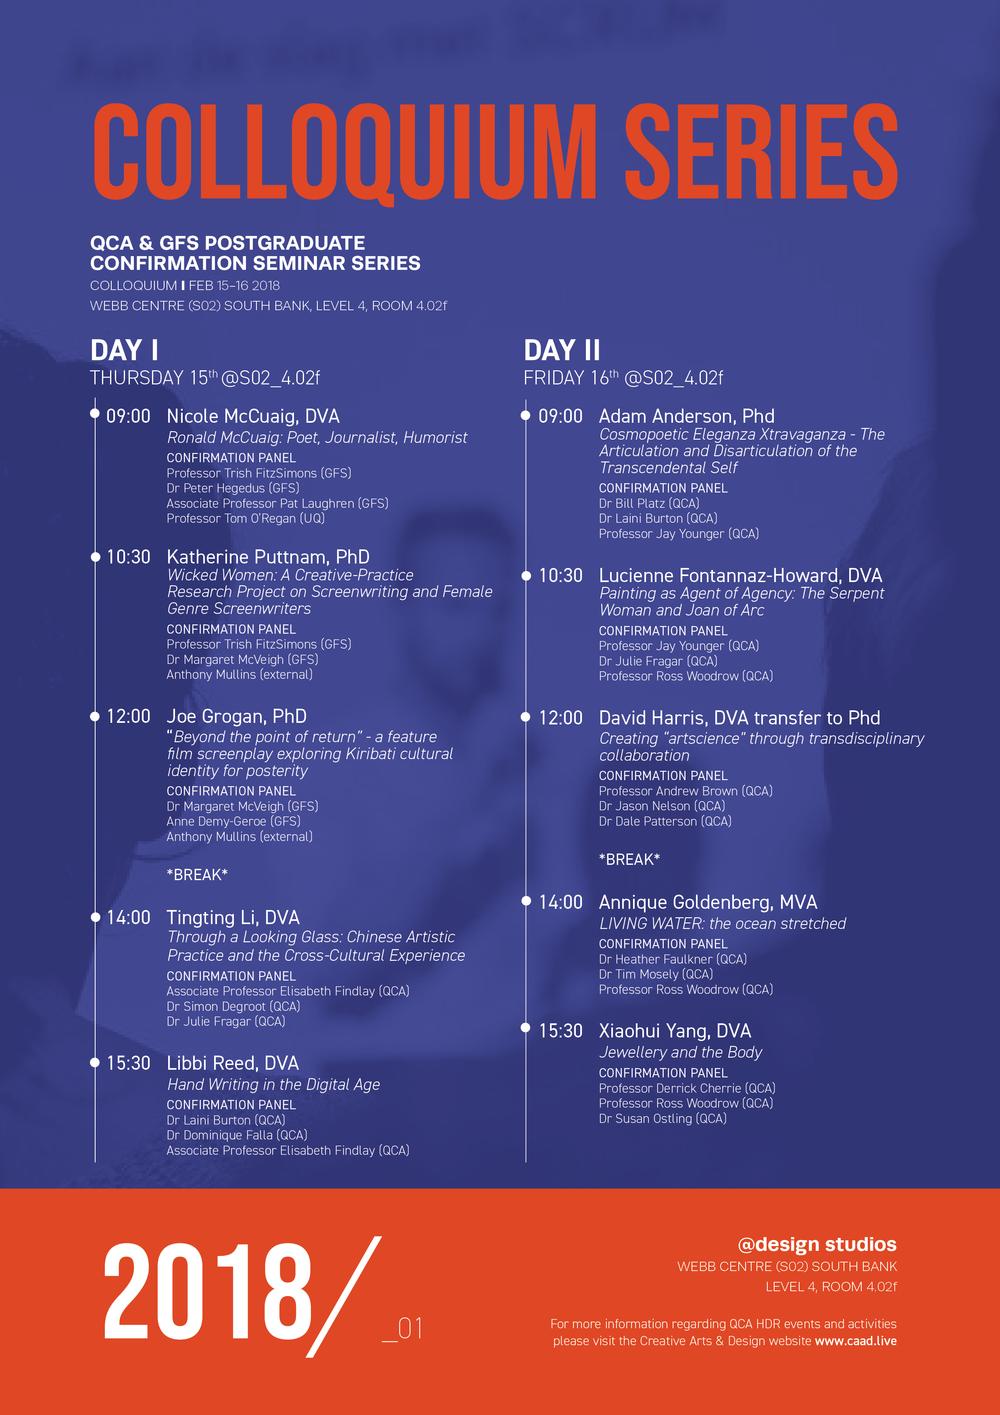 Colloquium I Schedule.png